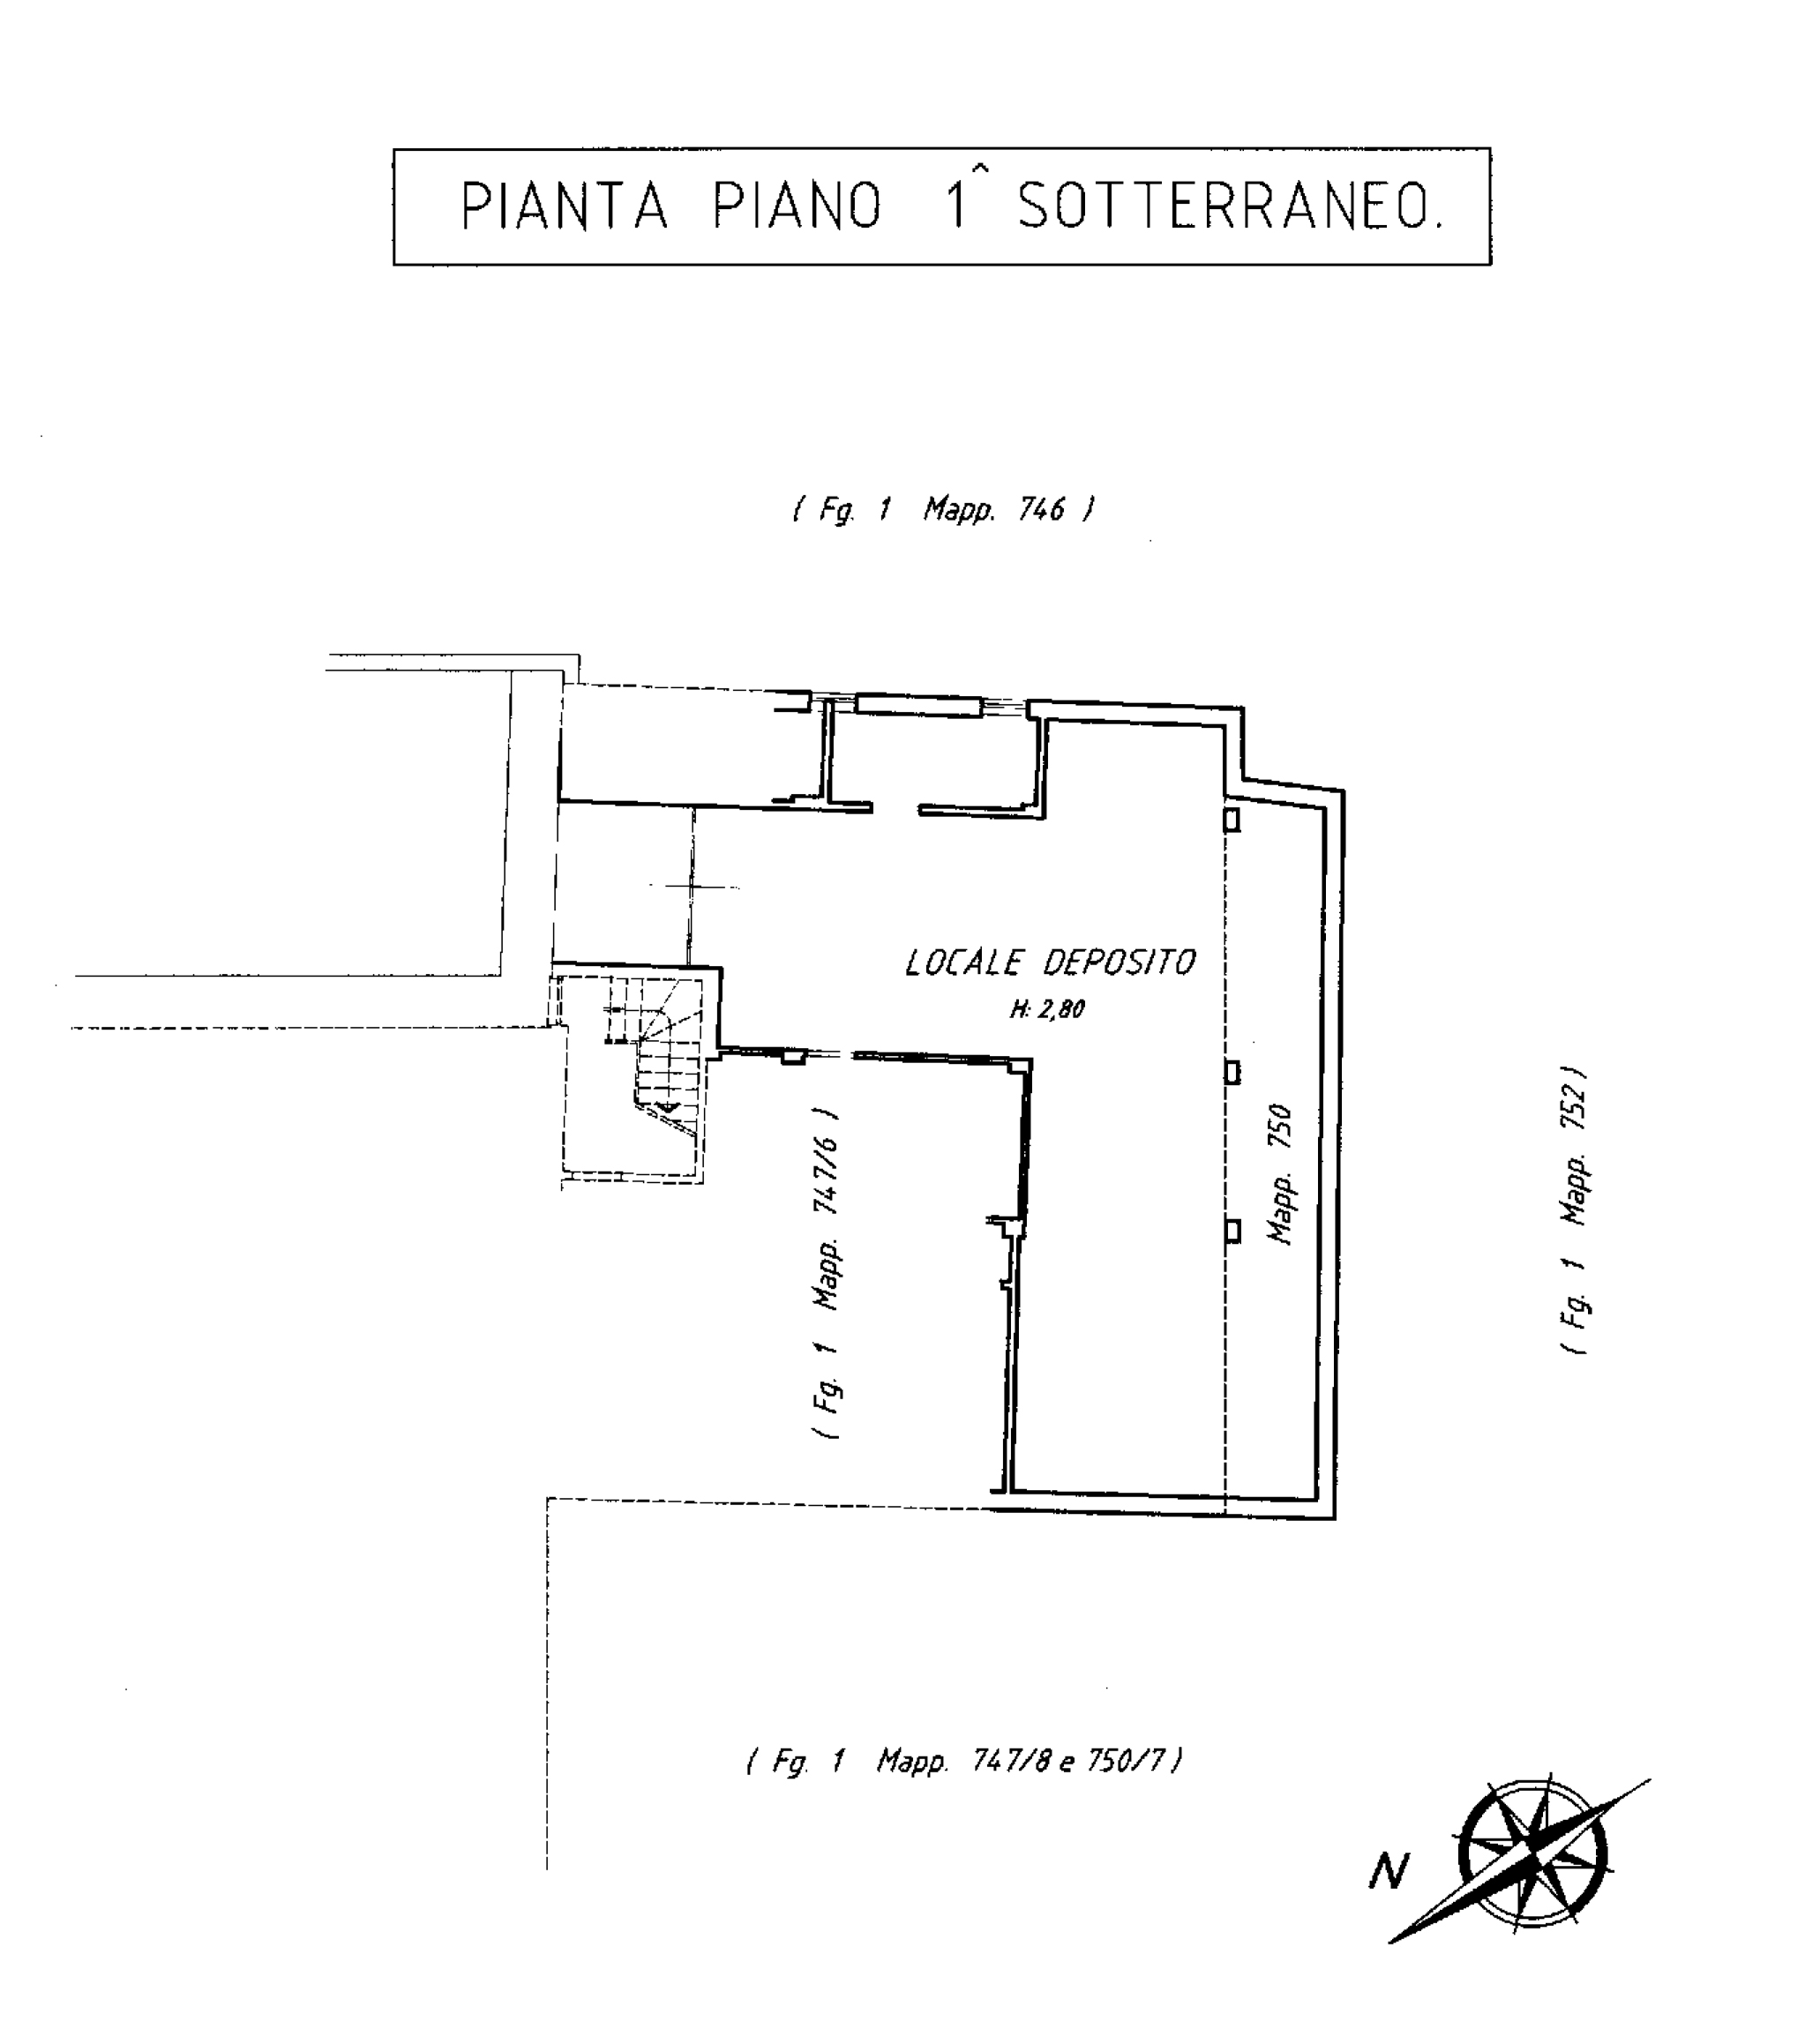 piano seminterrato catastale - Hotel